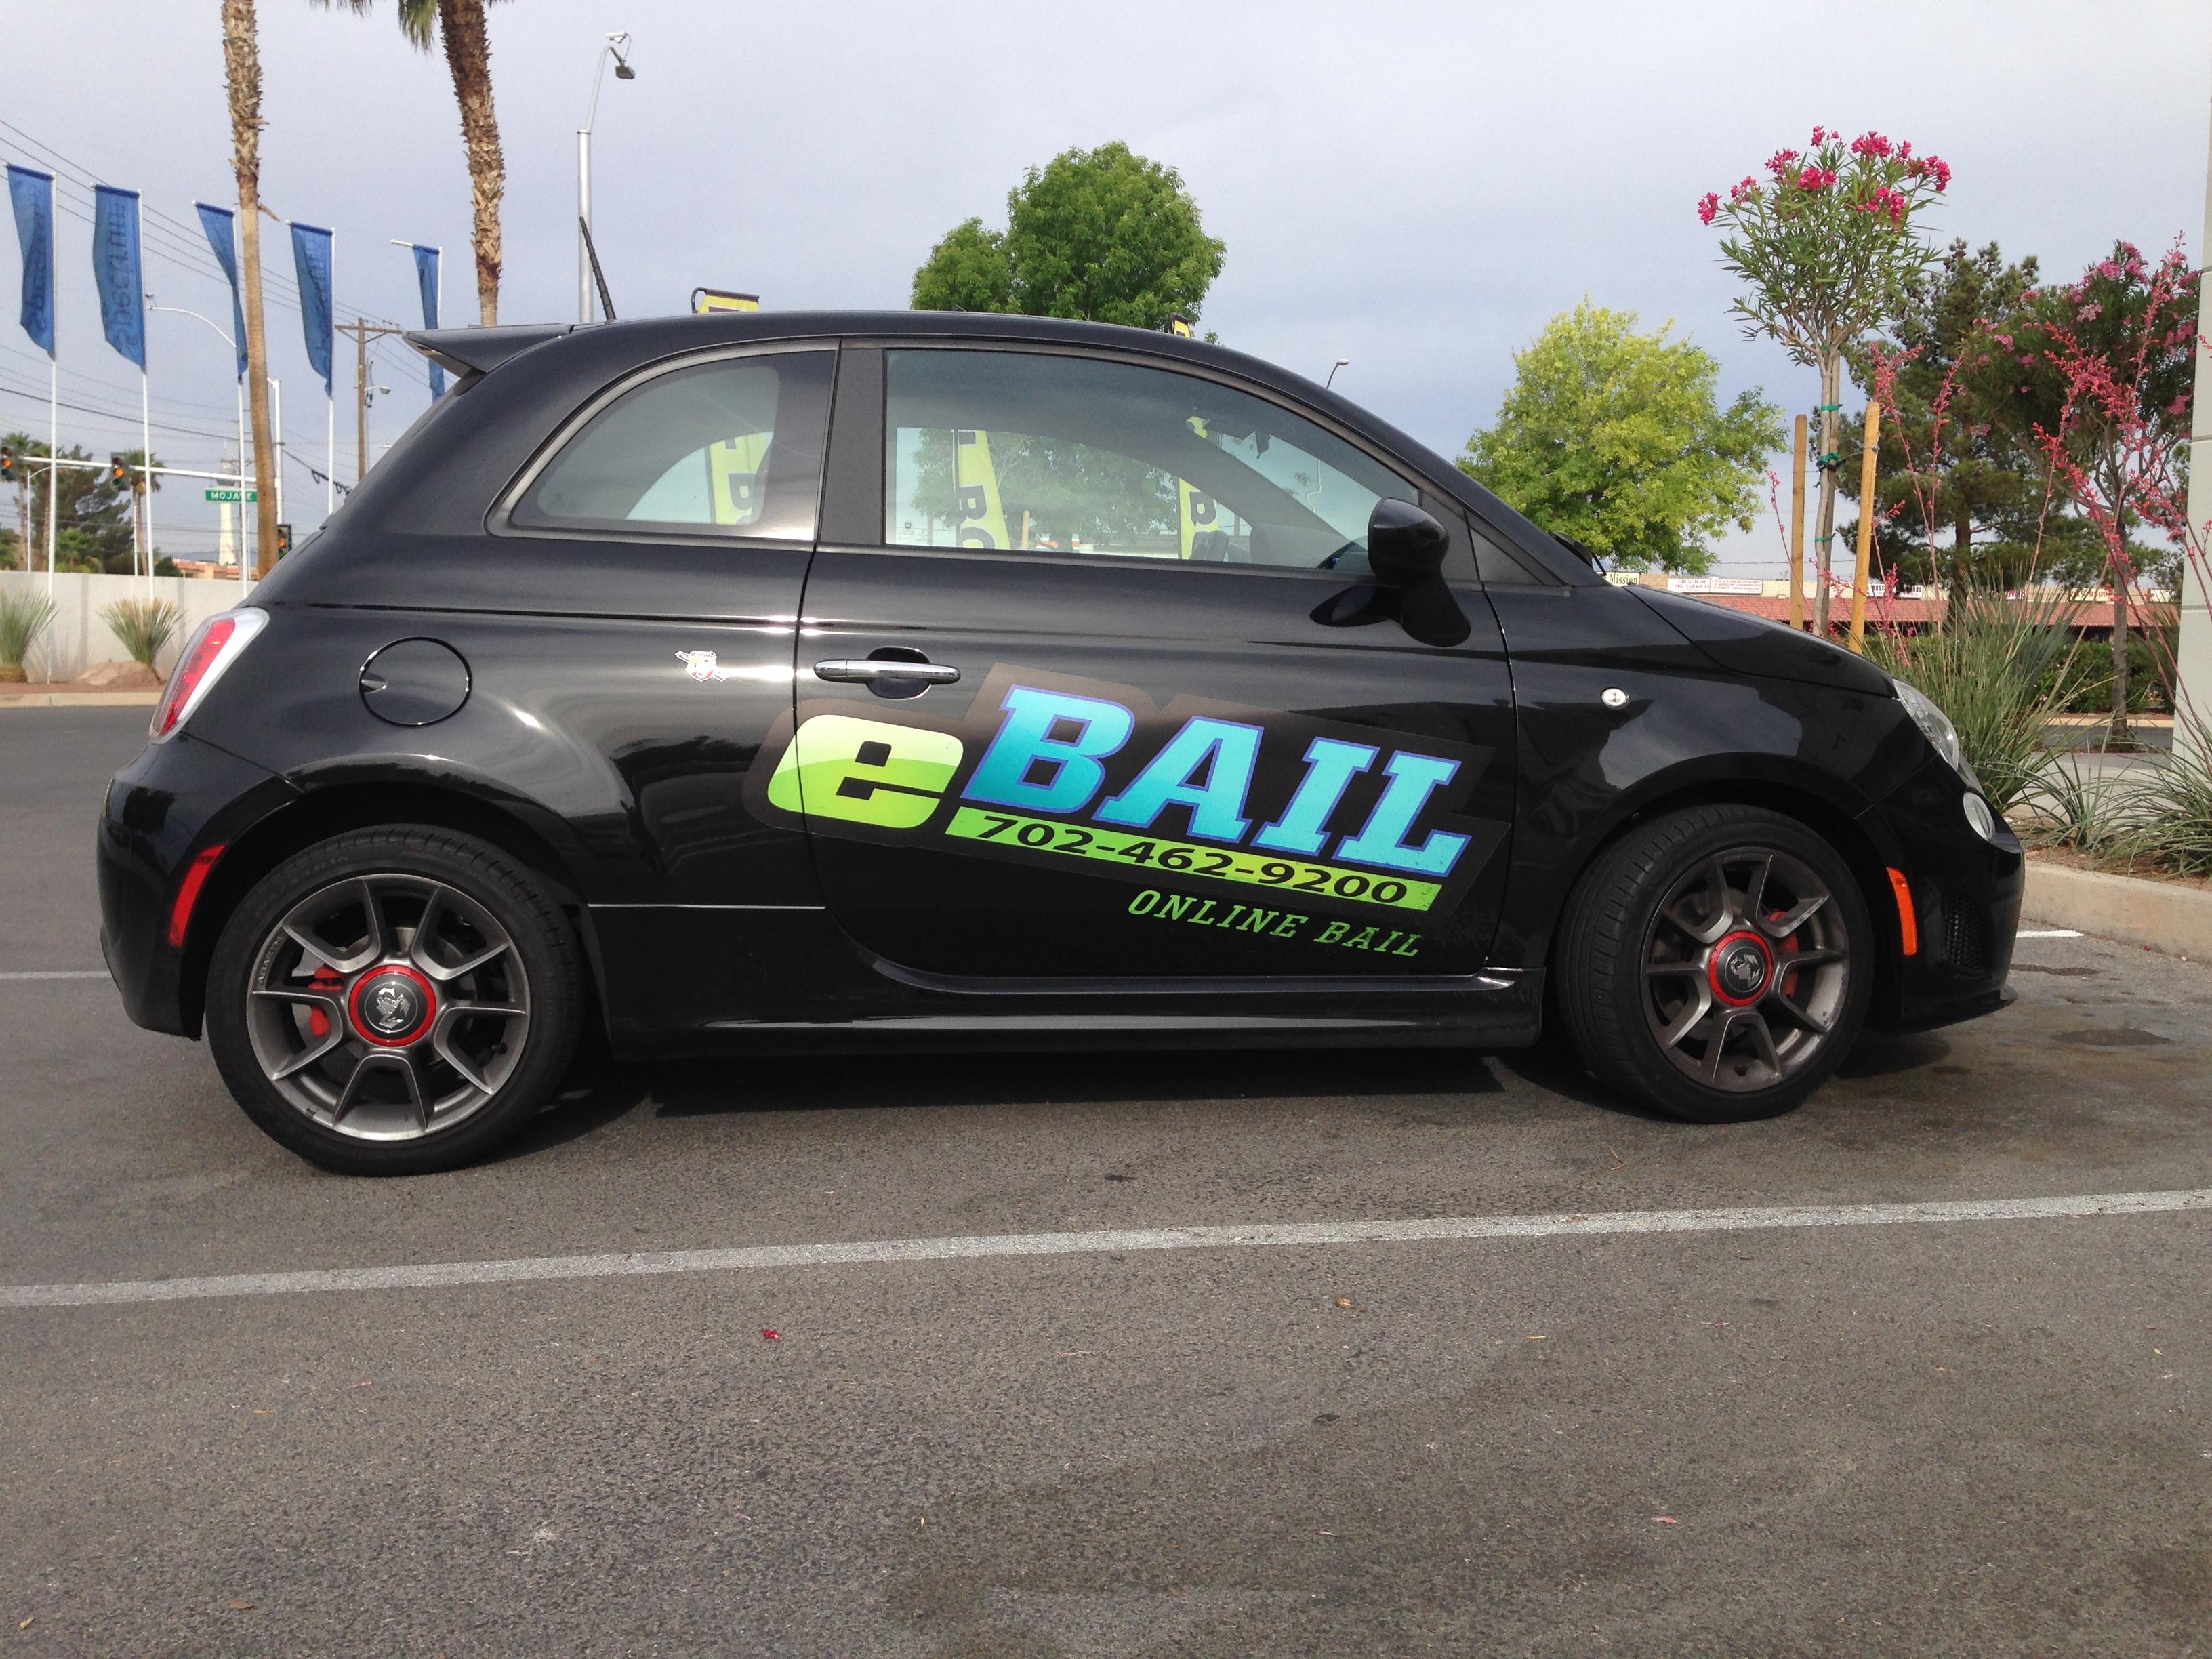 eBAIL Las Vegas Bail Bonds serving the CCDC